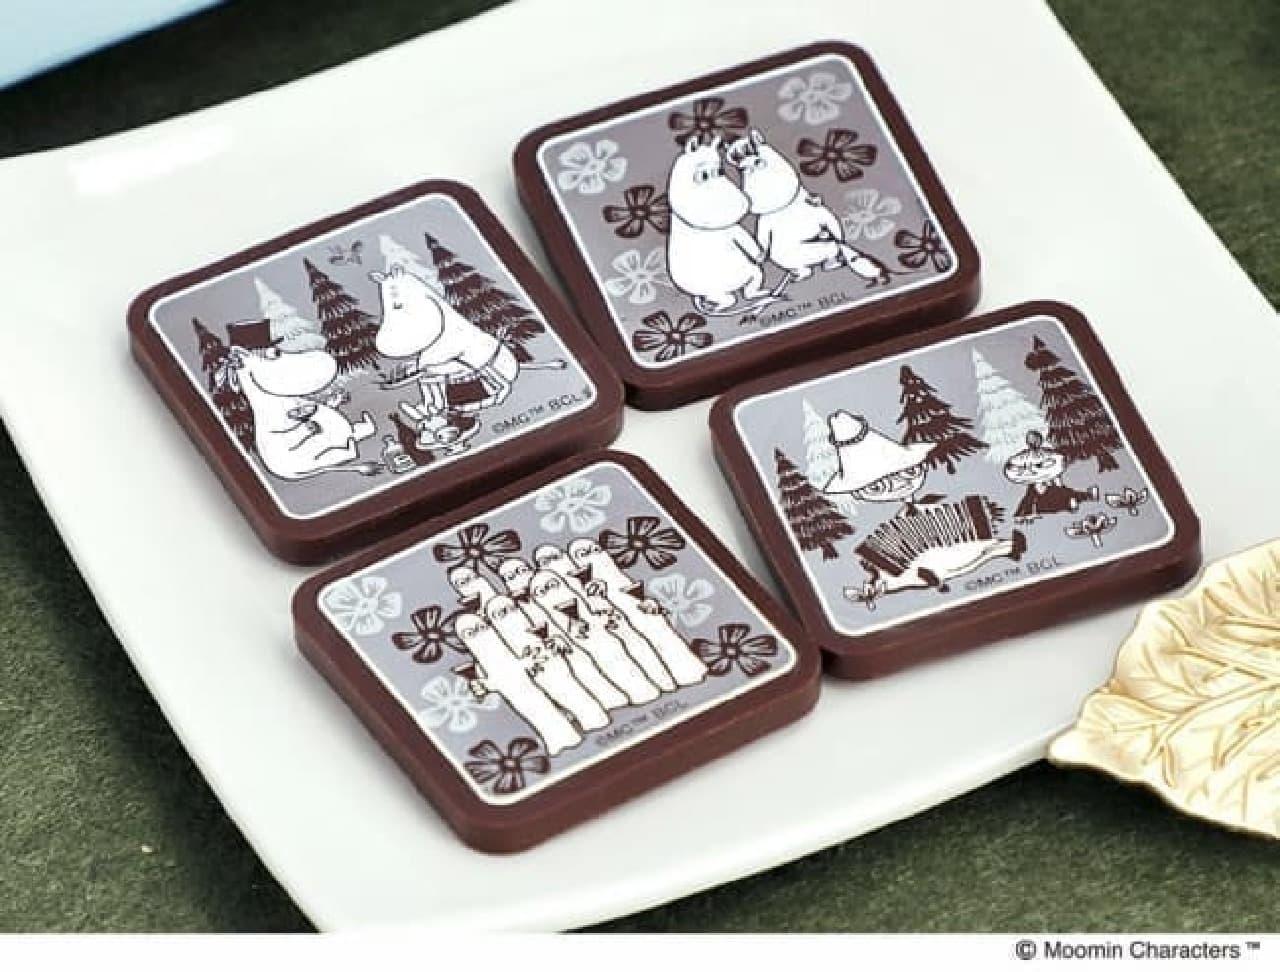 ムーミンカフェから「プレートチョコレート FAMILY」--可愛いボックス入り、バレンタインやホワイトデーに